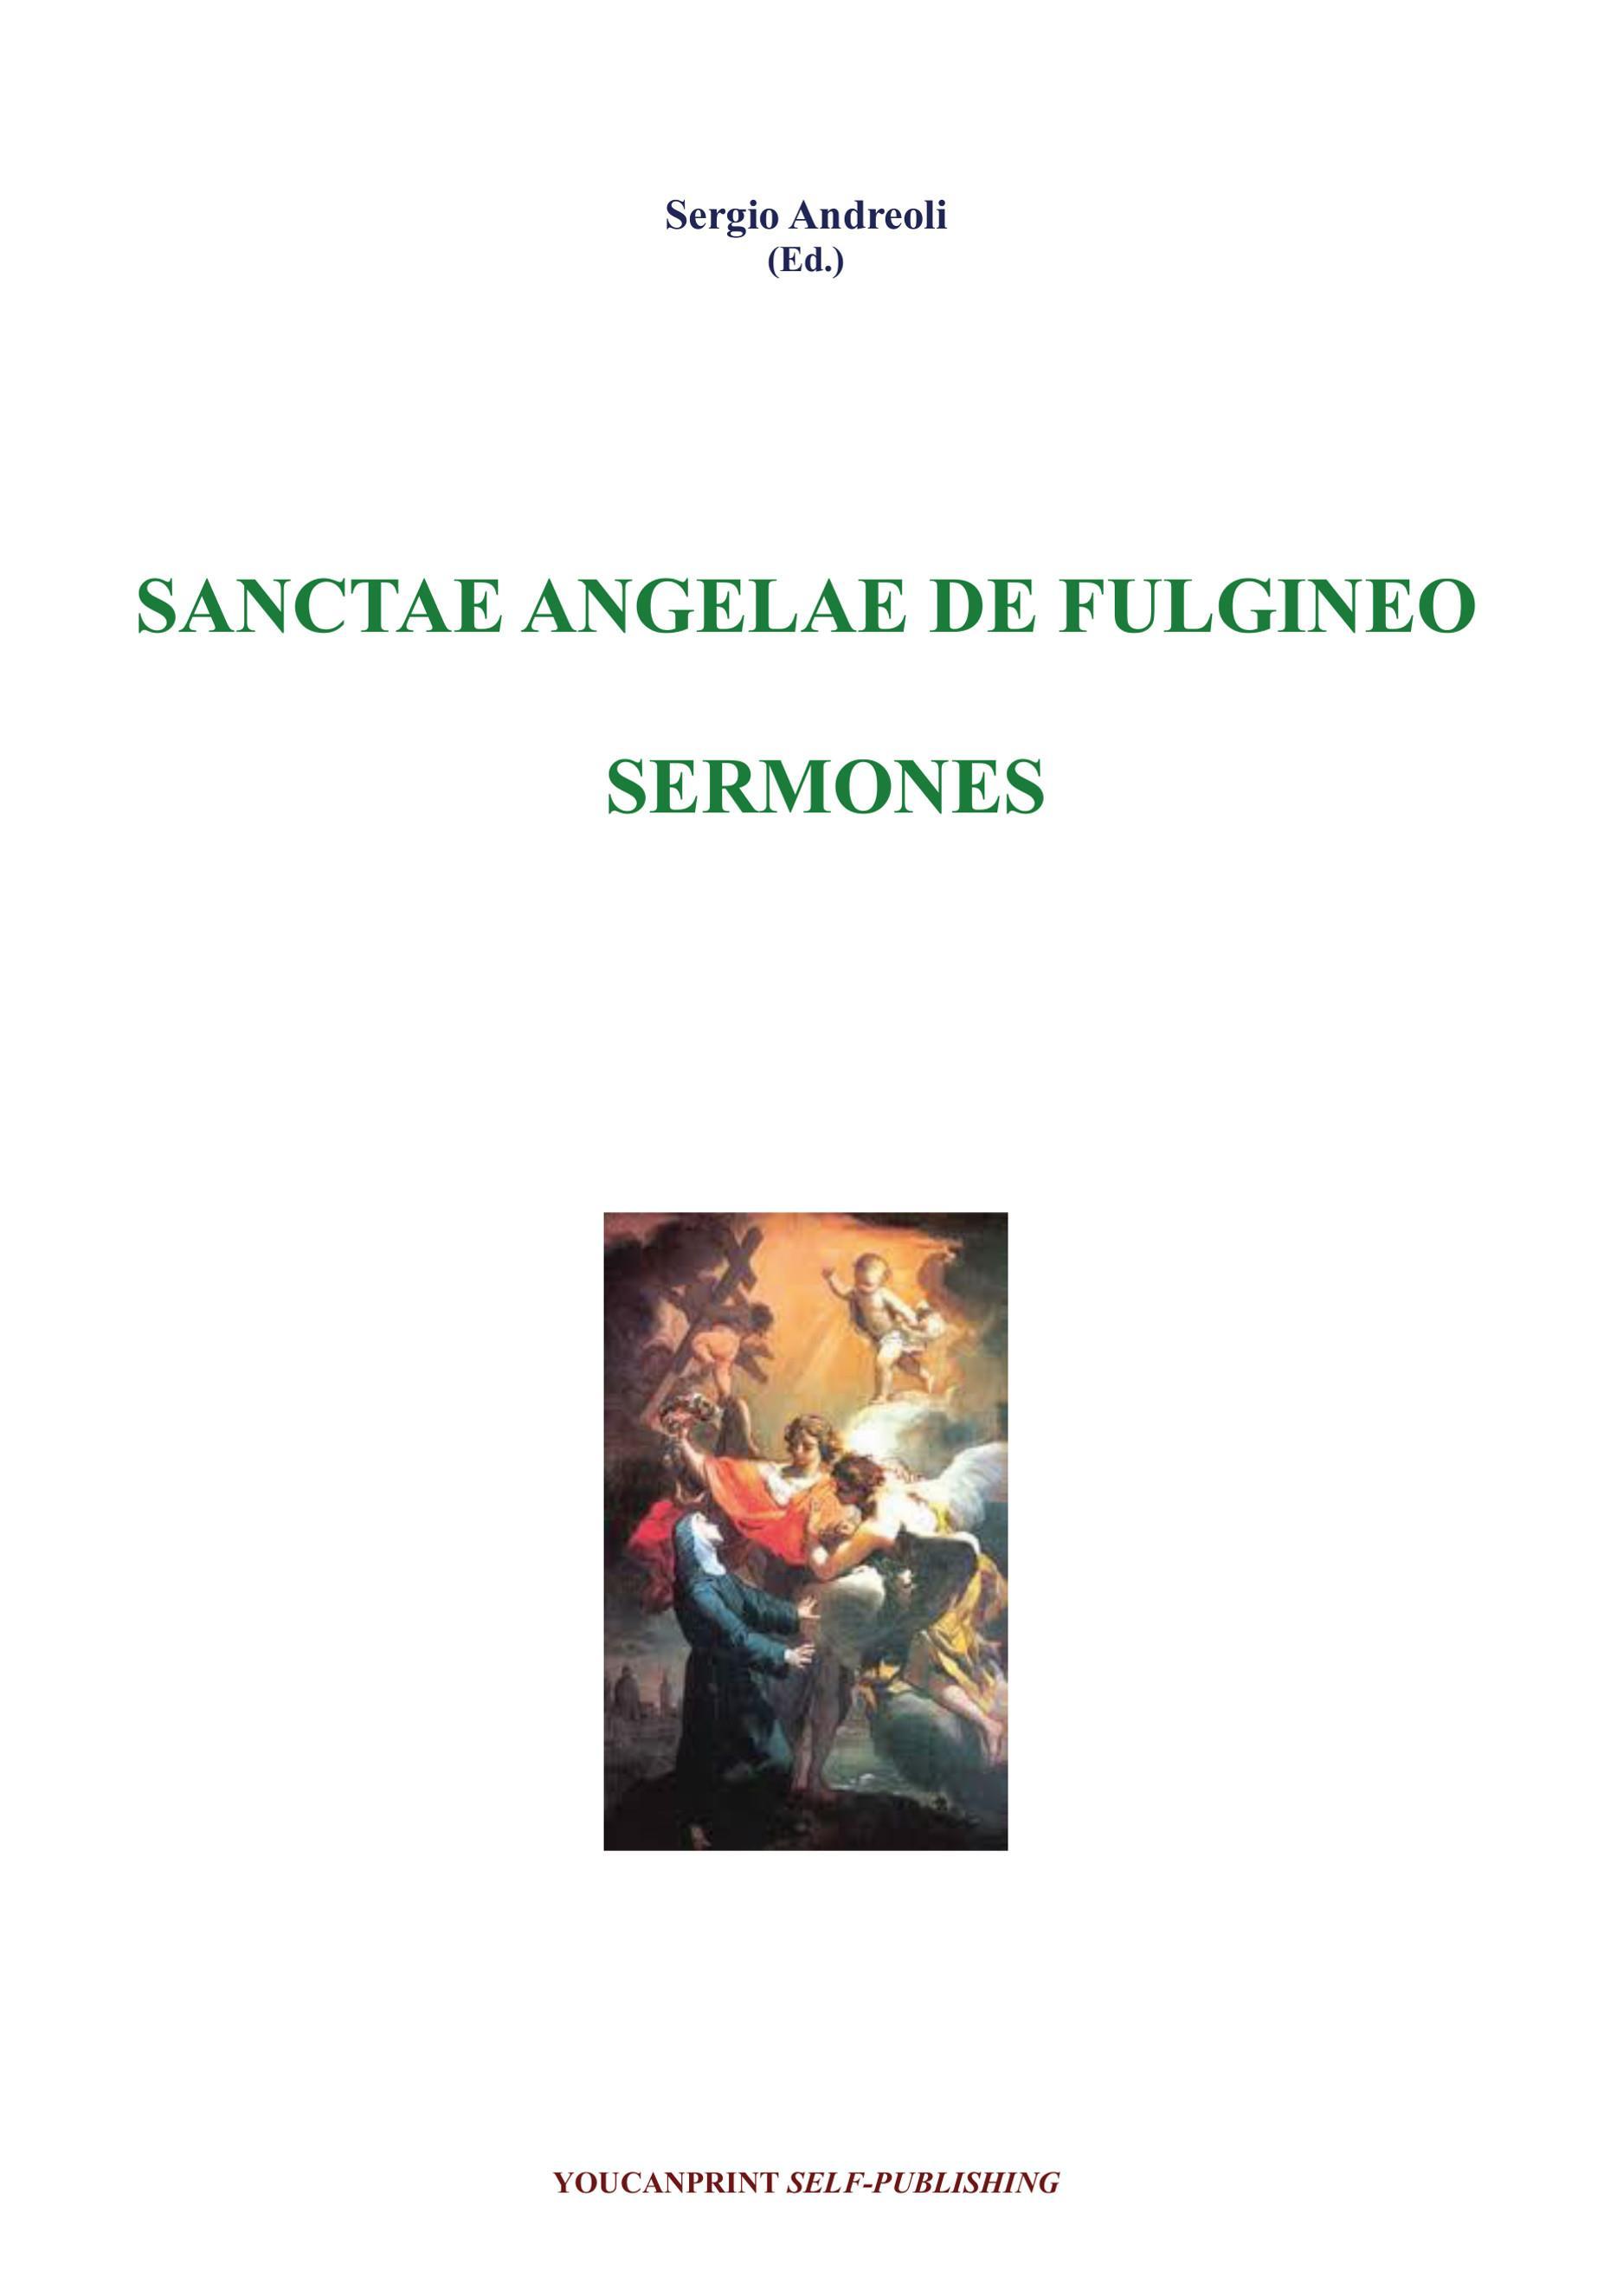 Sanctae Angelae De Fulgineo - Sermones